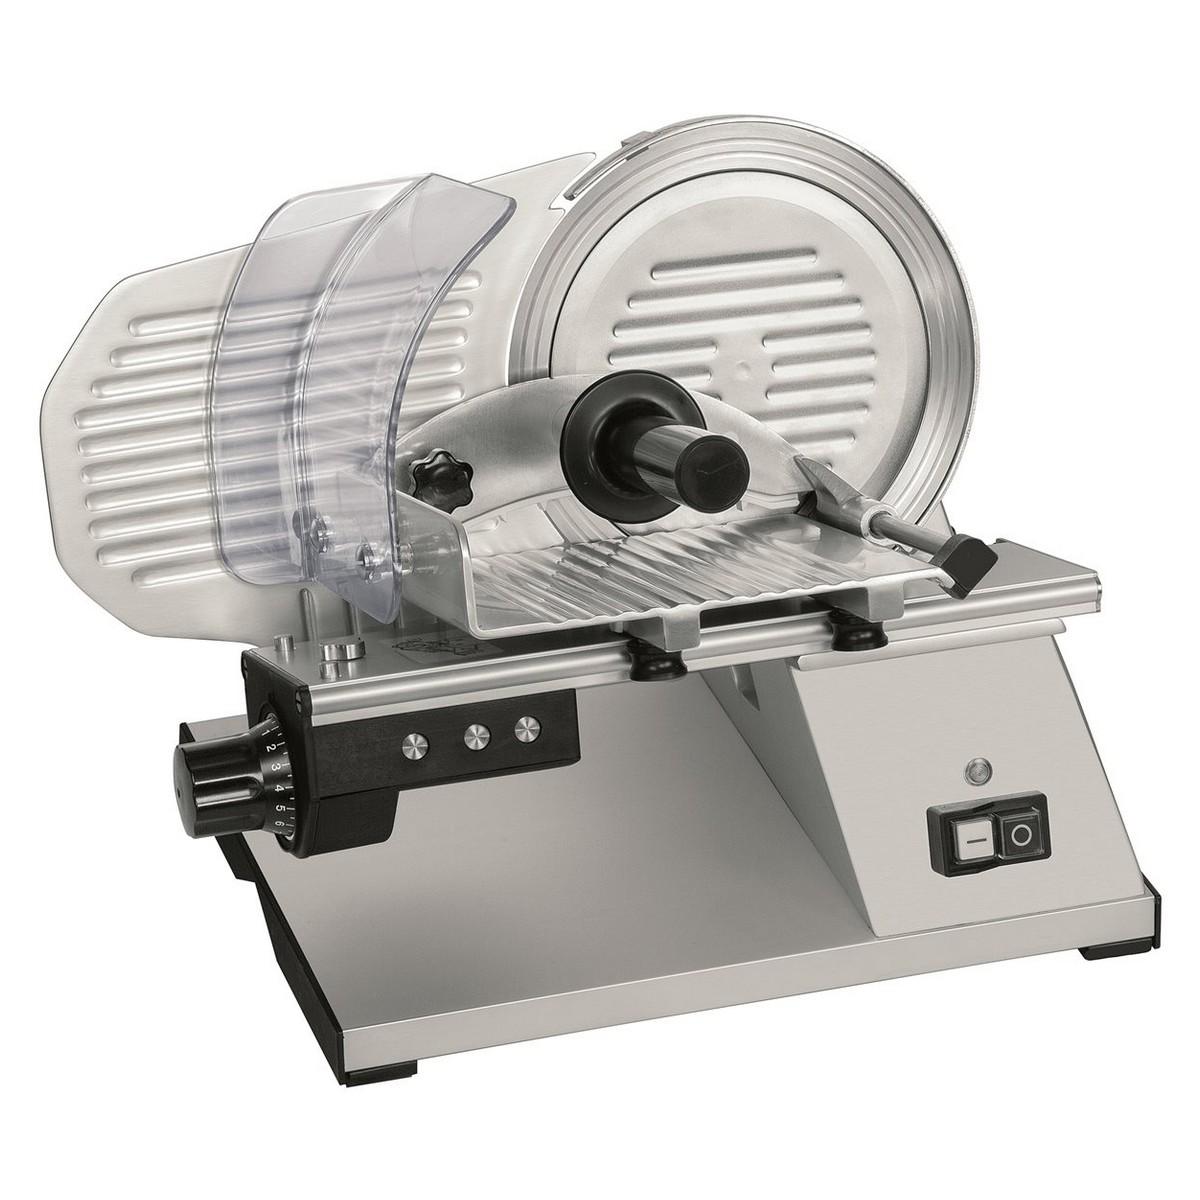 Allesschneider Modell TOP220 - Stahl mit einer Edelstahlklinge von Ø 220 mm